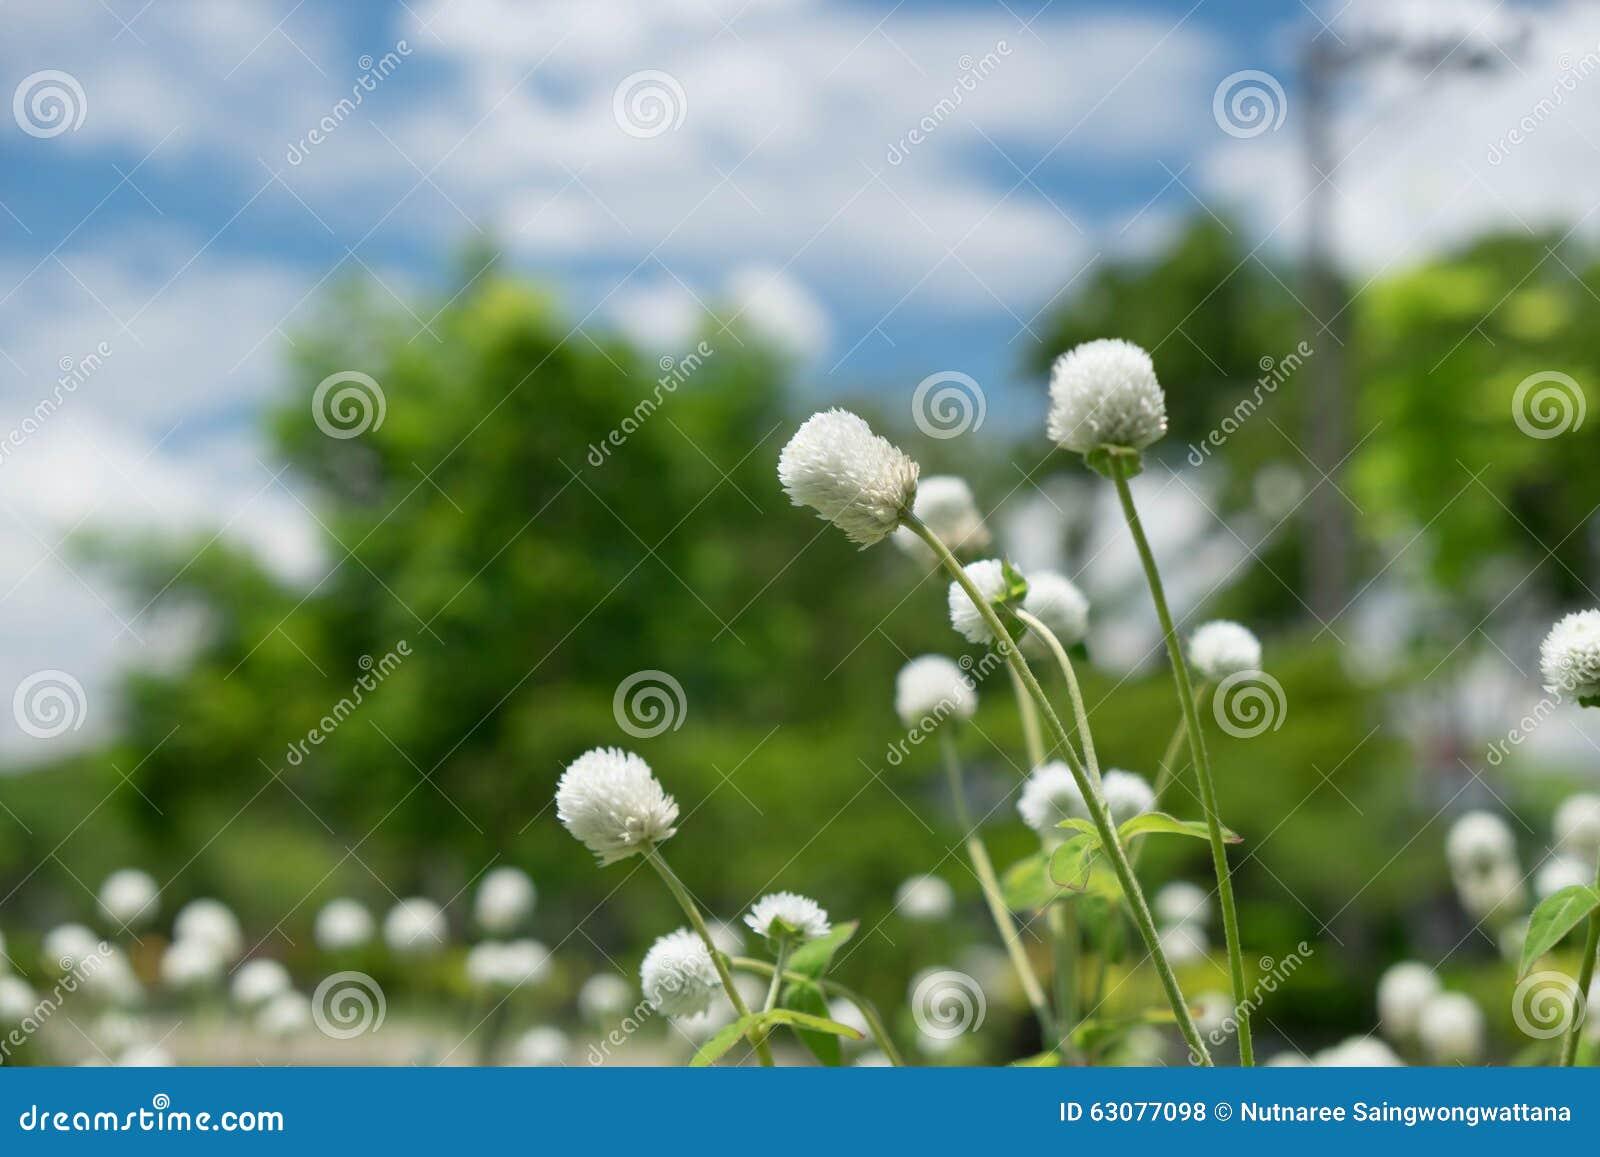 Download Fleur Blanche D'herbe Parmi La Nature Photo stock - Image du abstrait, lames: 63077098